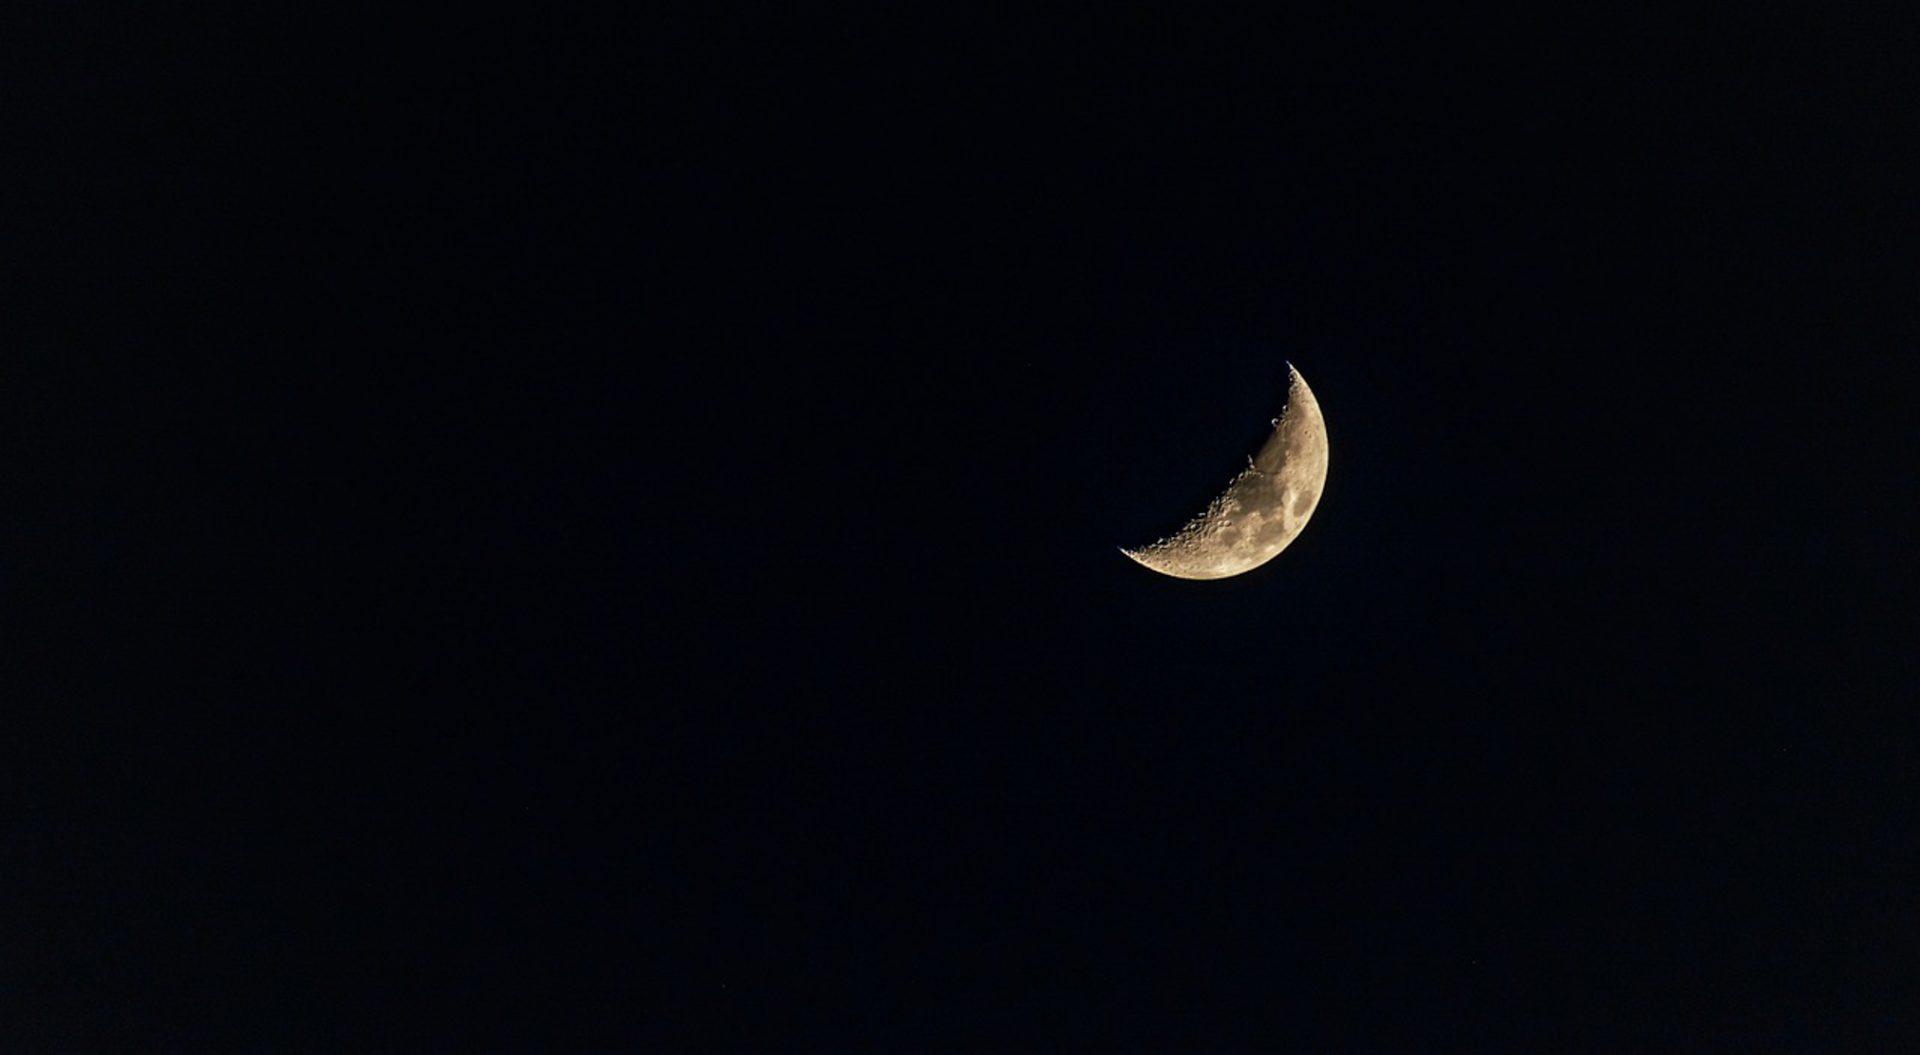 Sig godnat ude i naturen: Nationalpark Mols Bjerge tilbyder overnatning i det fri